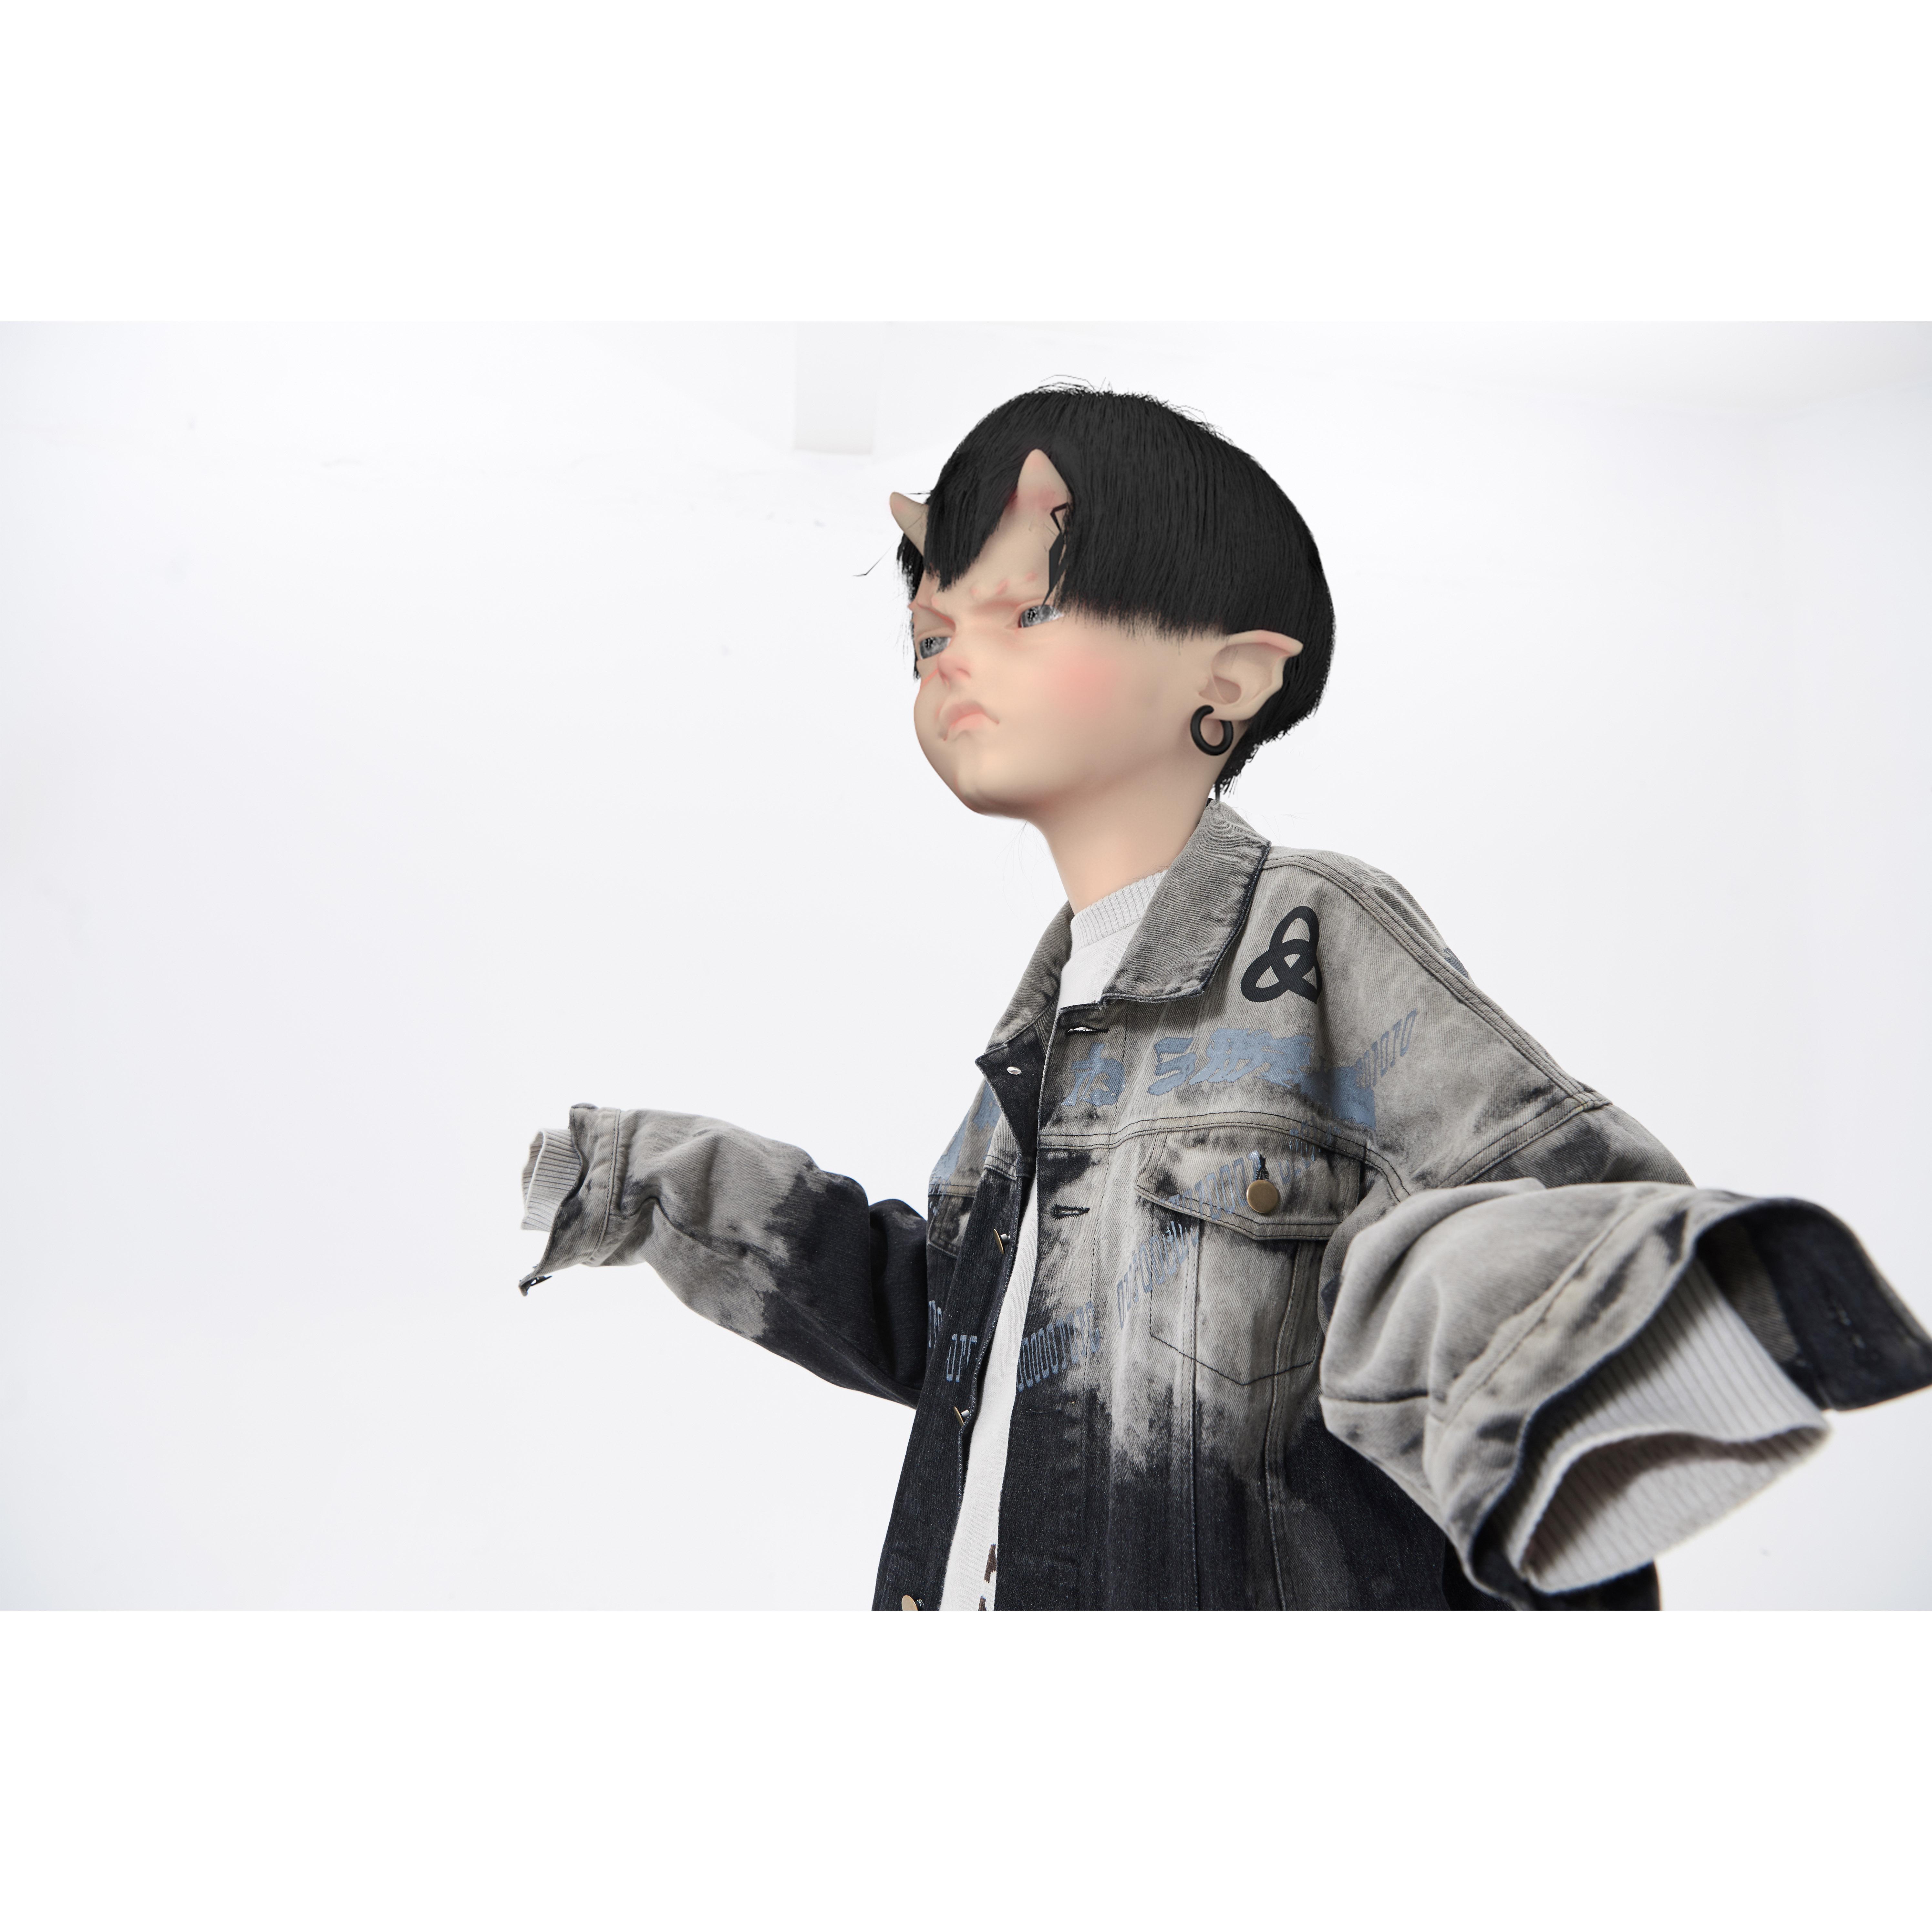 triSEGGA cửa hàng chính thức Dữ liệu nhị phân in áo khoác denim tách màu giặt áo khoác lỏng lẻo - Áo khoác đôi